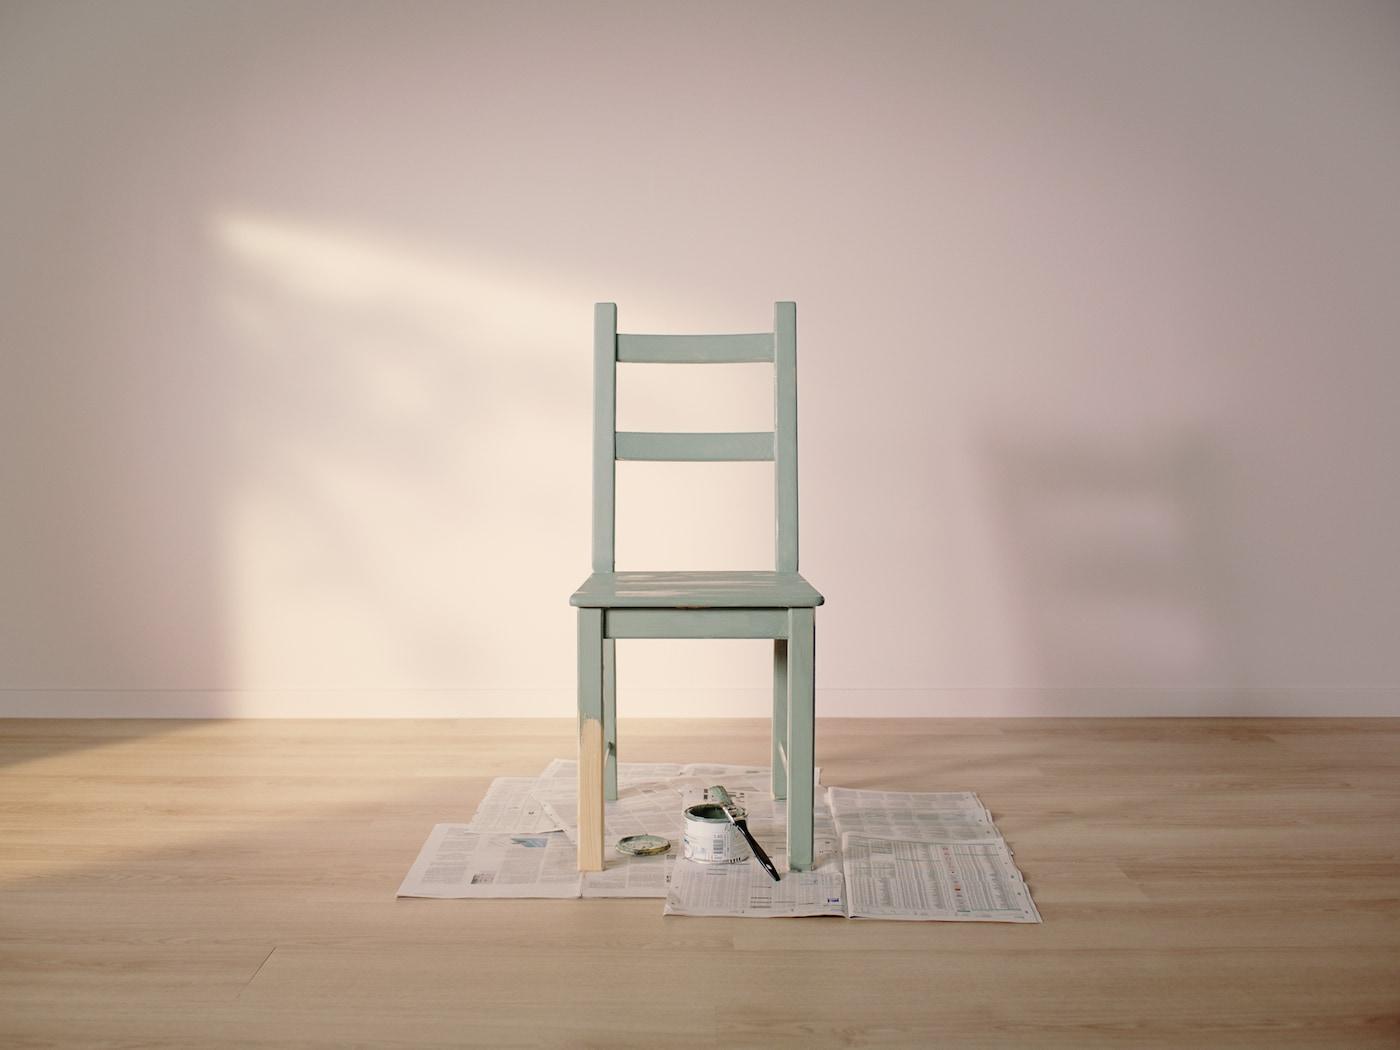 Cadeira IVAR em pinho, pintada de verde, exceto metade de uma perna, está sobre um jornal com uma lata de tinta e um pincel.